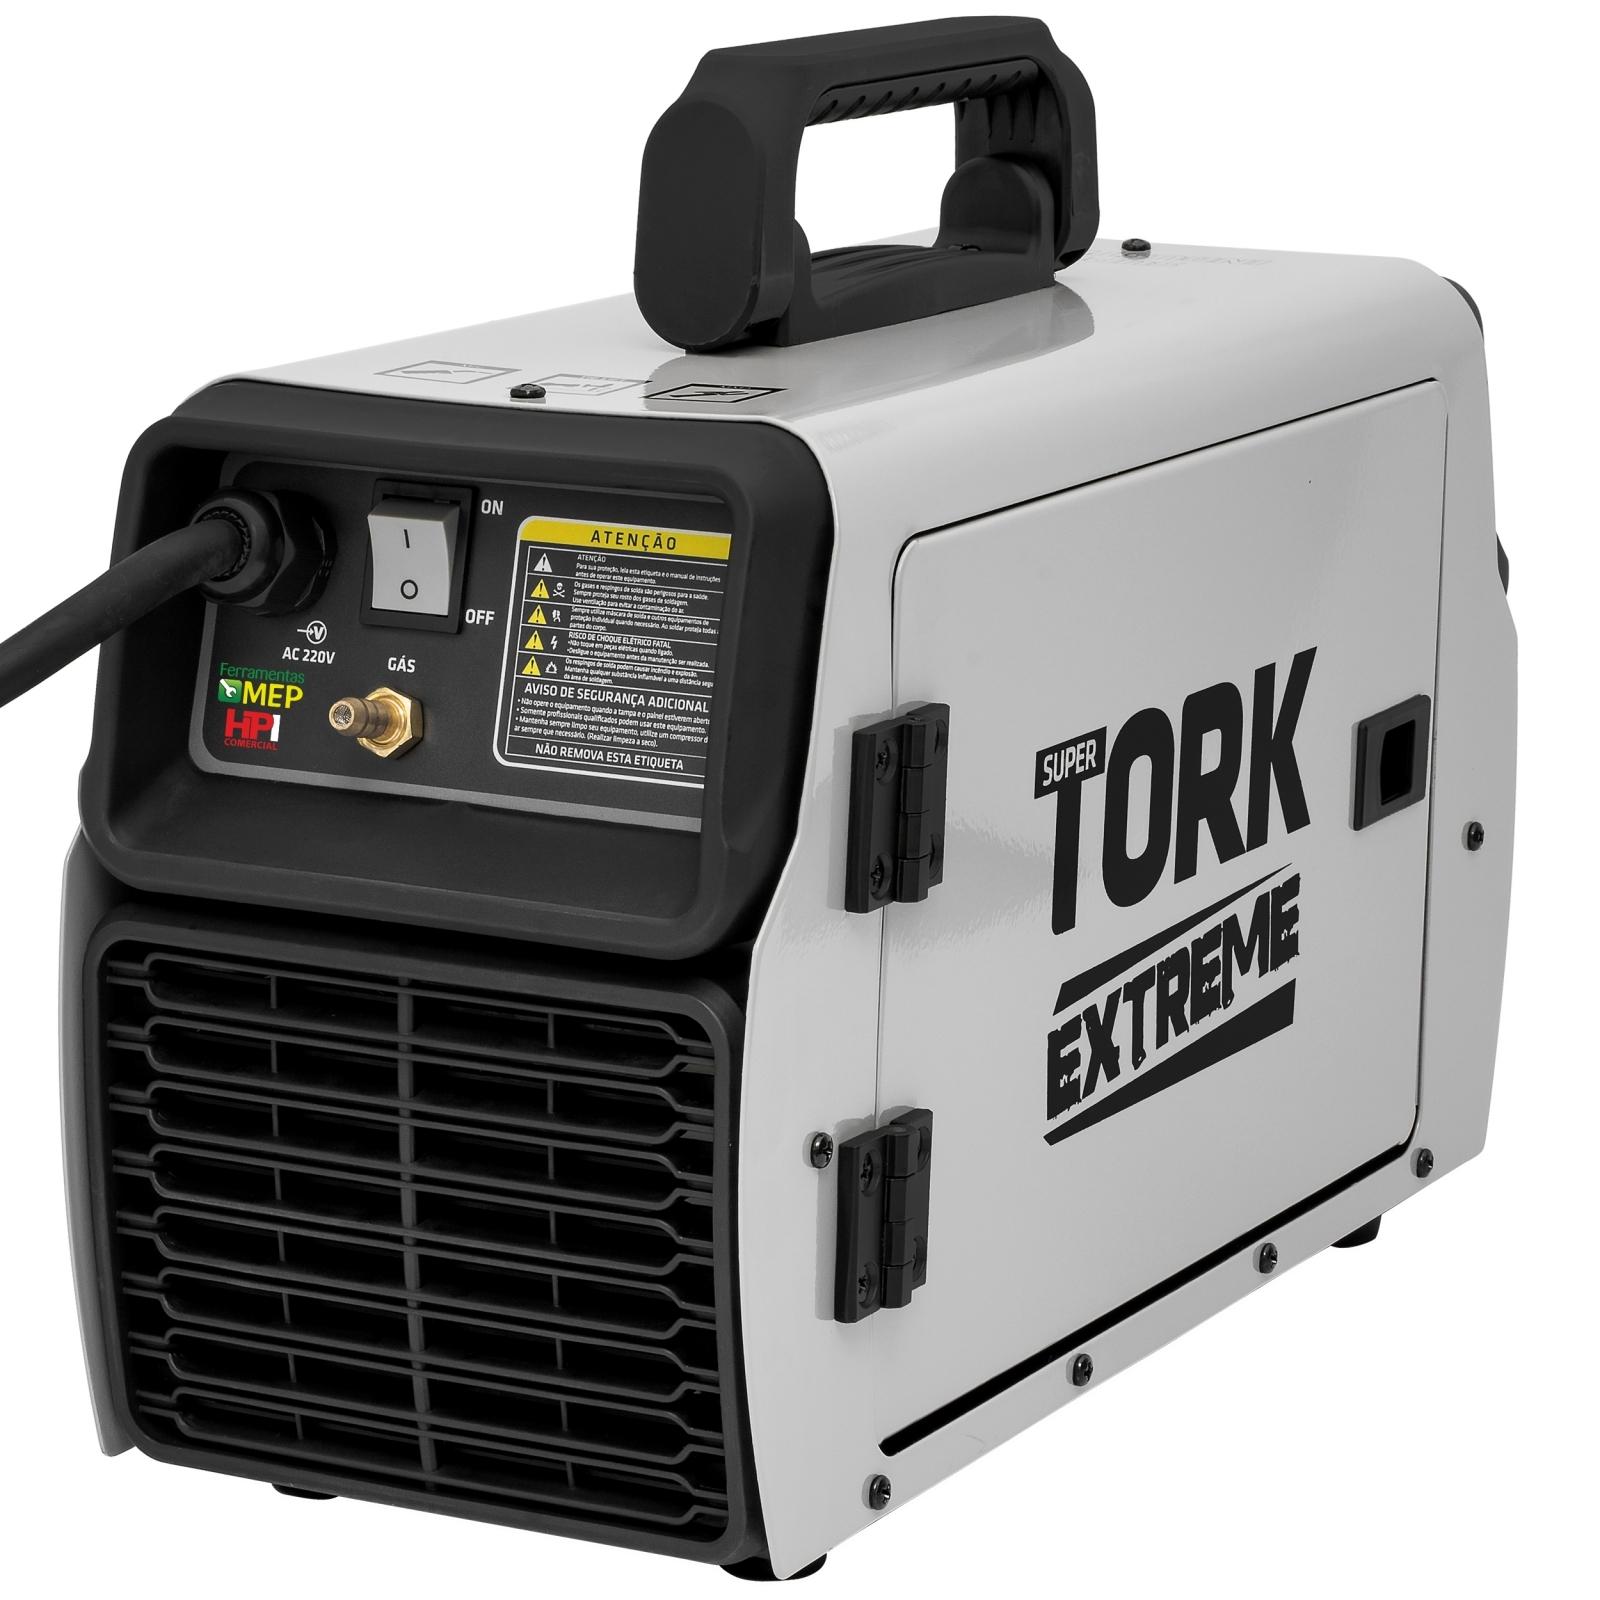 Máquina De Solda Mig Tig E Eletrodo Super Tork Exteme IMETS-11200 -220V - Ferramentas MEP